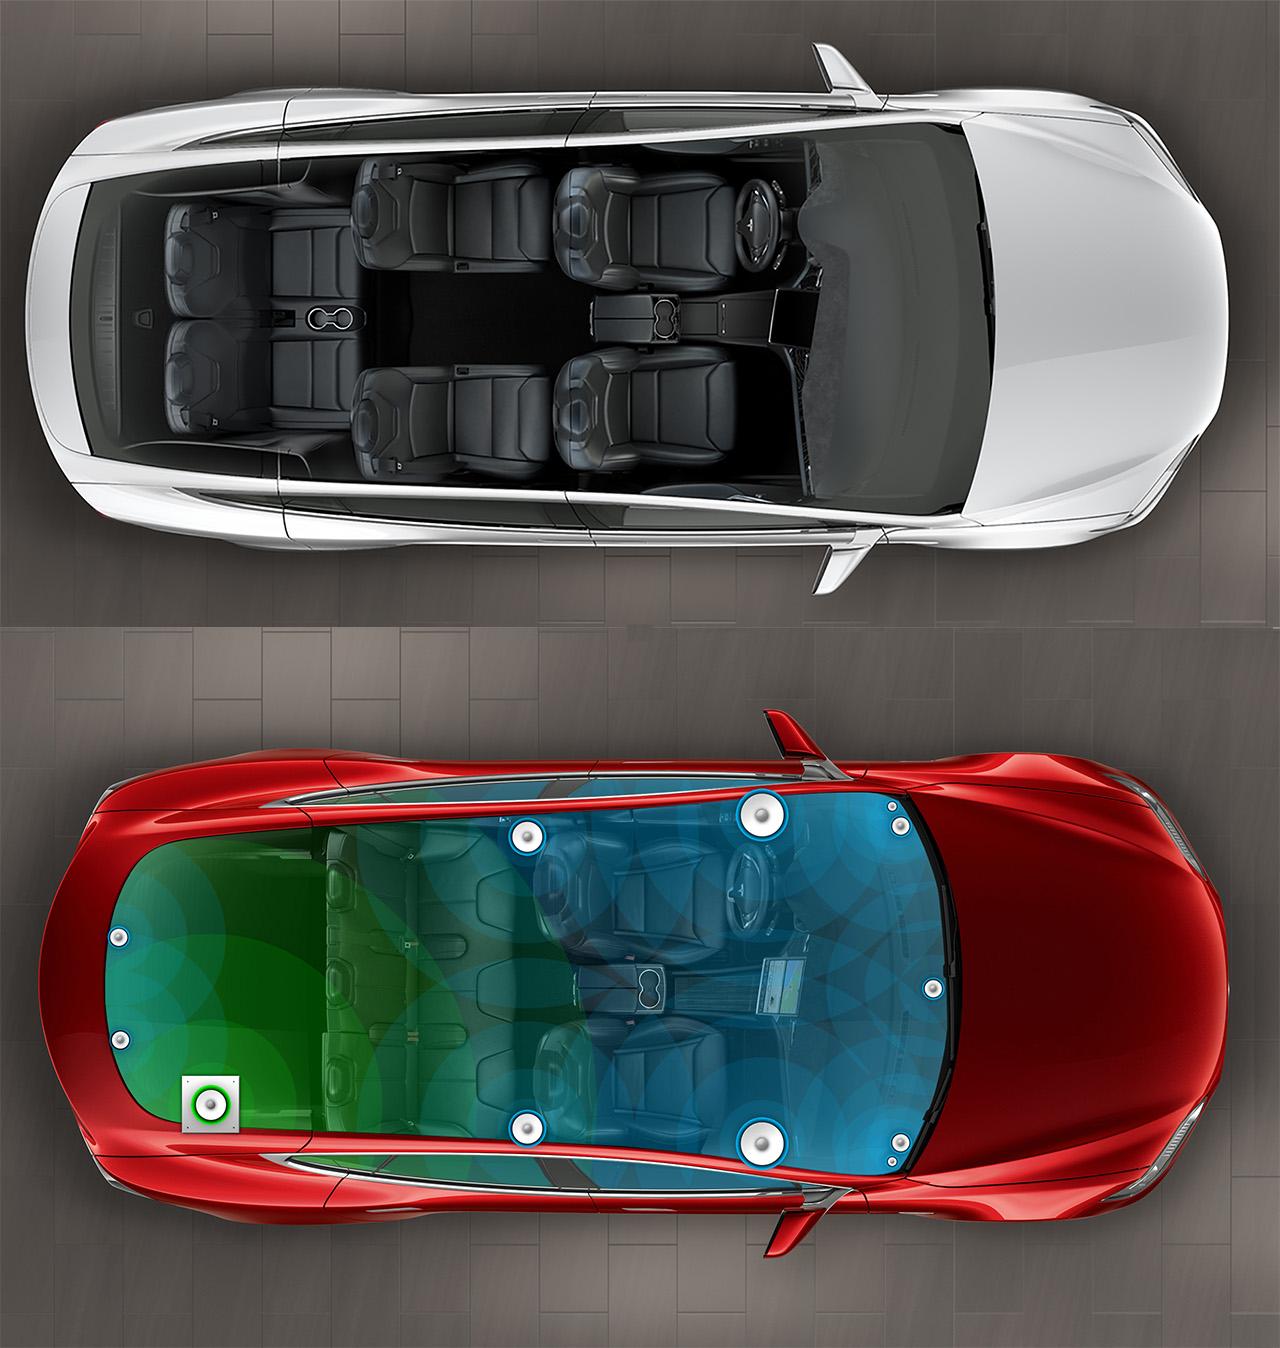 ModelX_ModelS_topview_sidebyside.jpg